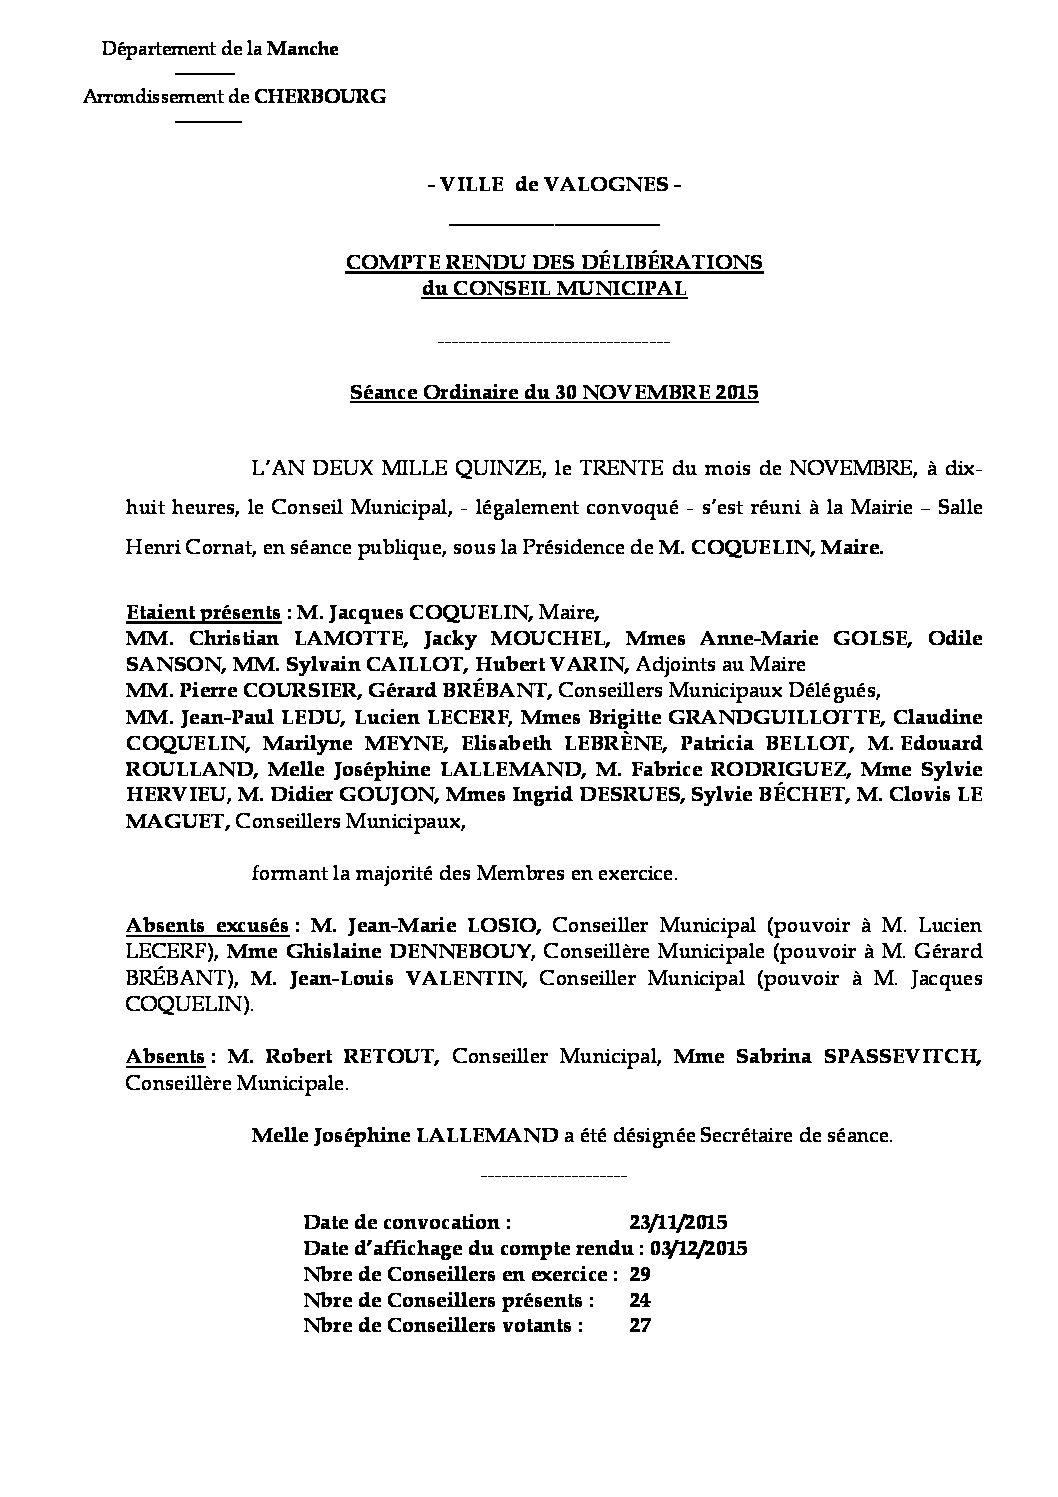 Extrait du registre des délibérations du 30-11-2015 - Compte rendu des question soumises à délibération lors de la séance du Conseil Municipal du 30 novembre 2015.